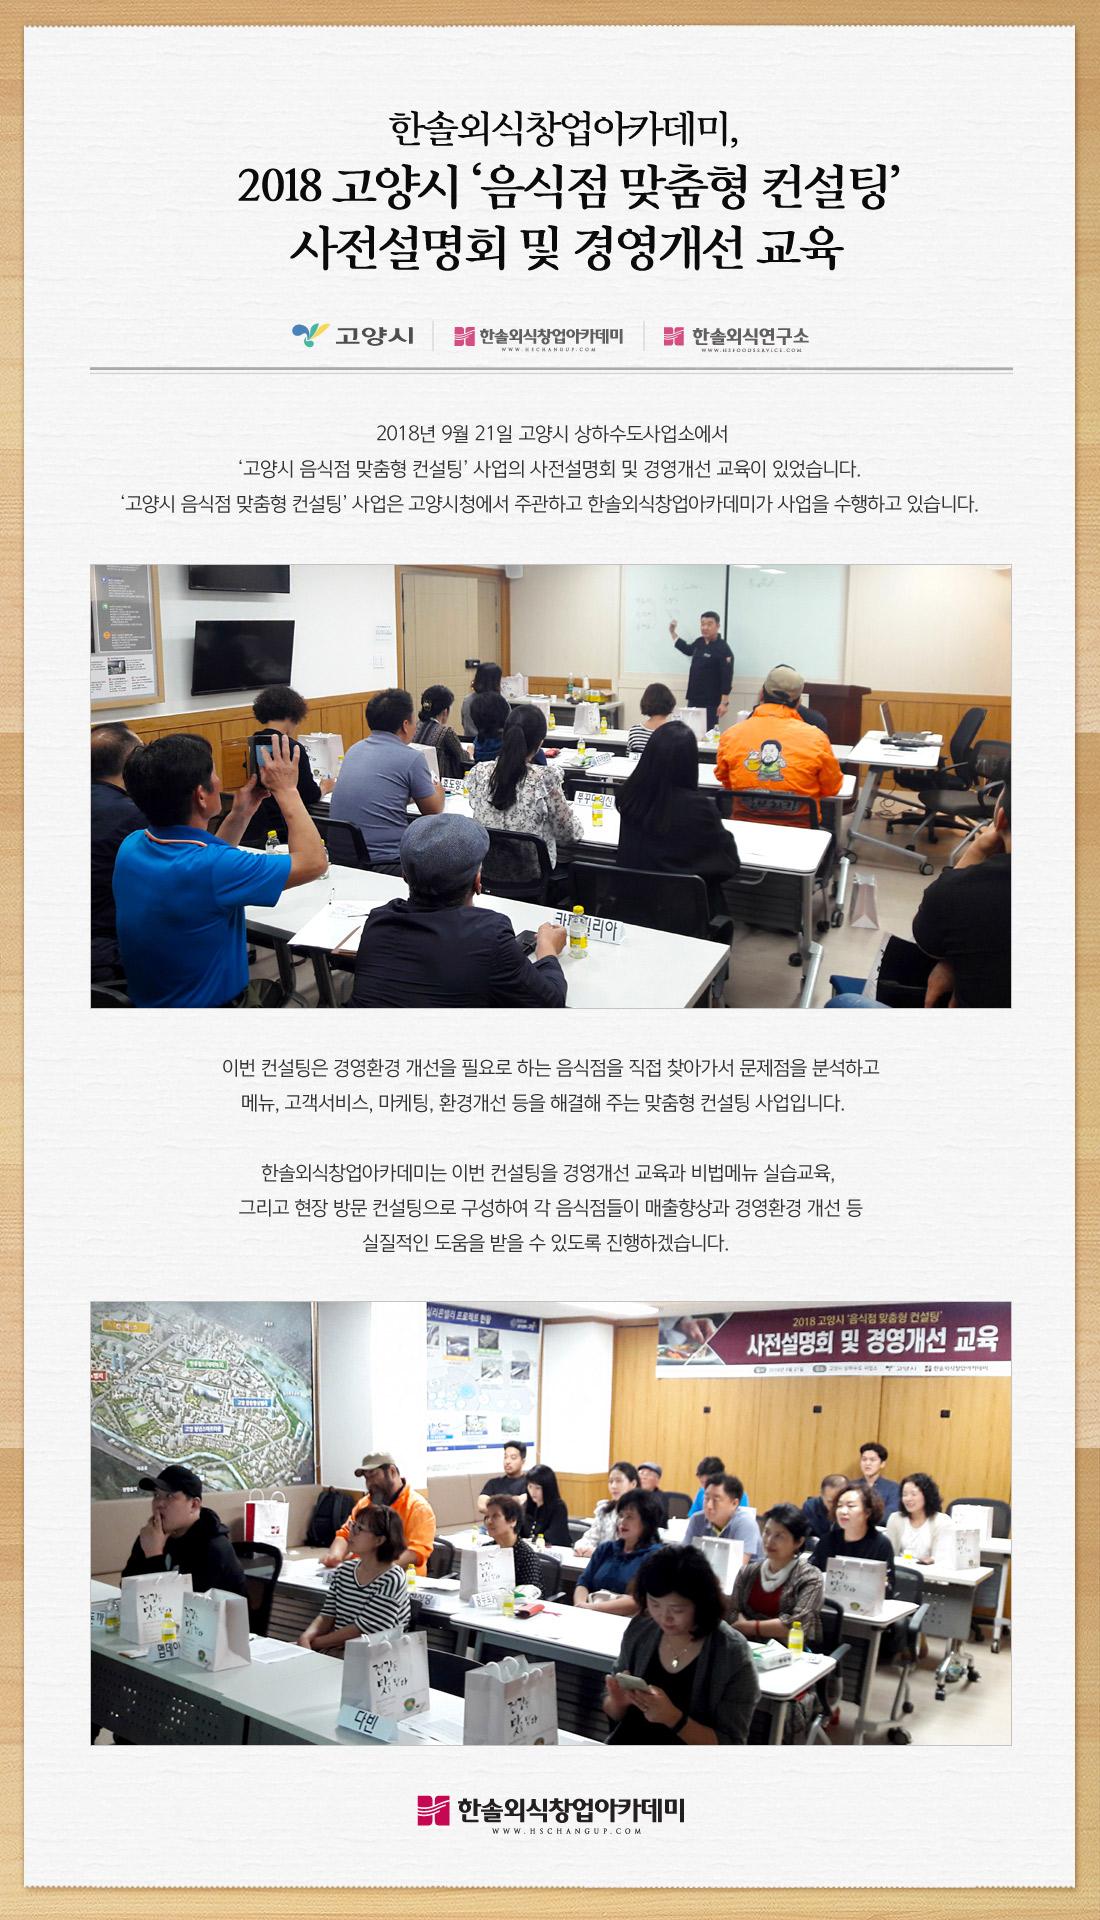 한솔외식창업 2018 고양시 음식점 맞춤형 컨설팅 사전설명회 및 경영개선 교육